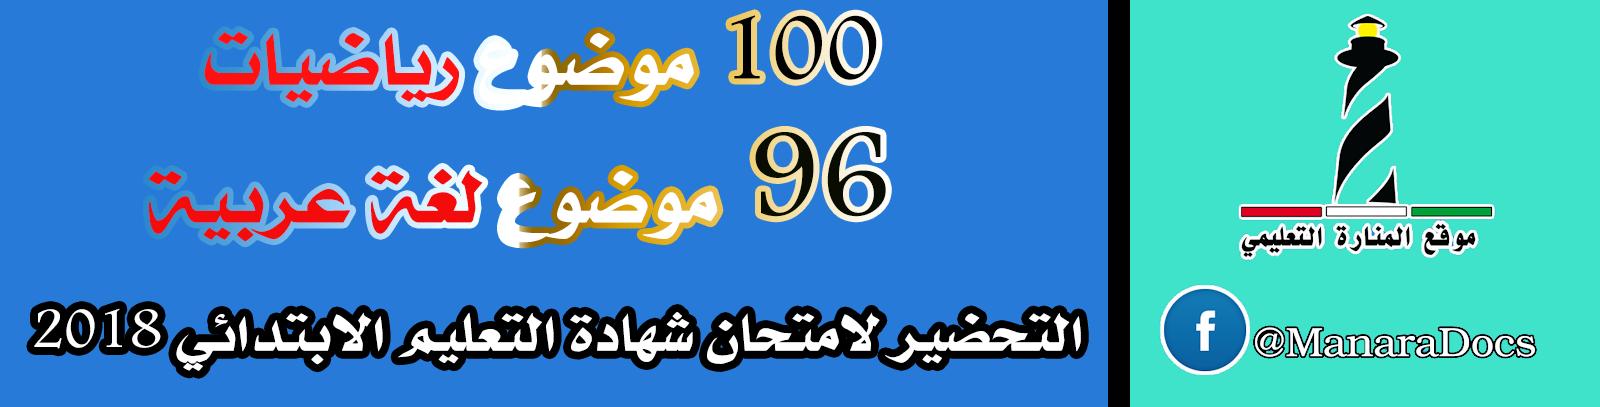 التحضير المثالي لامتحان شهادة التعليم الابتدائي: 100 موضوع في الرياضيات و 96 موضوع في اللغة العربية